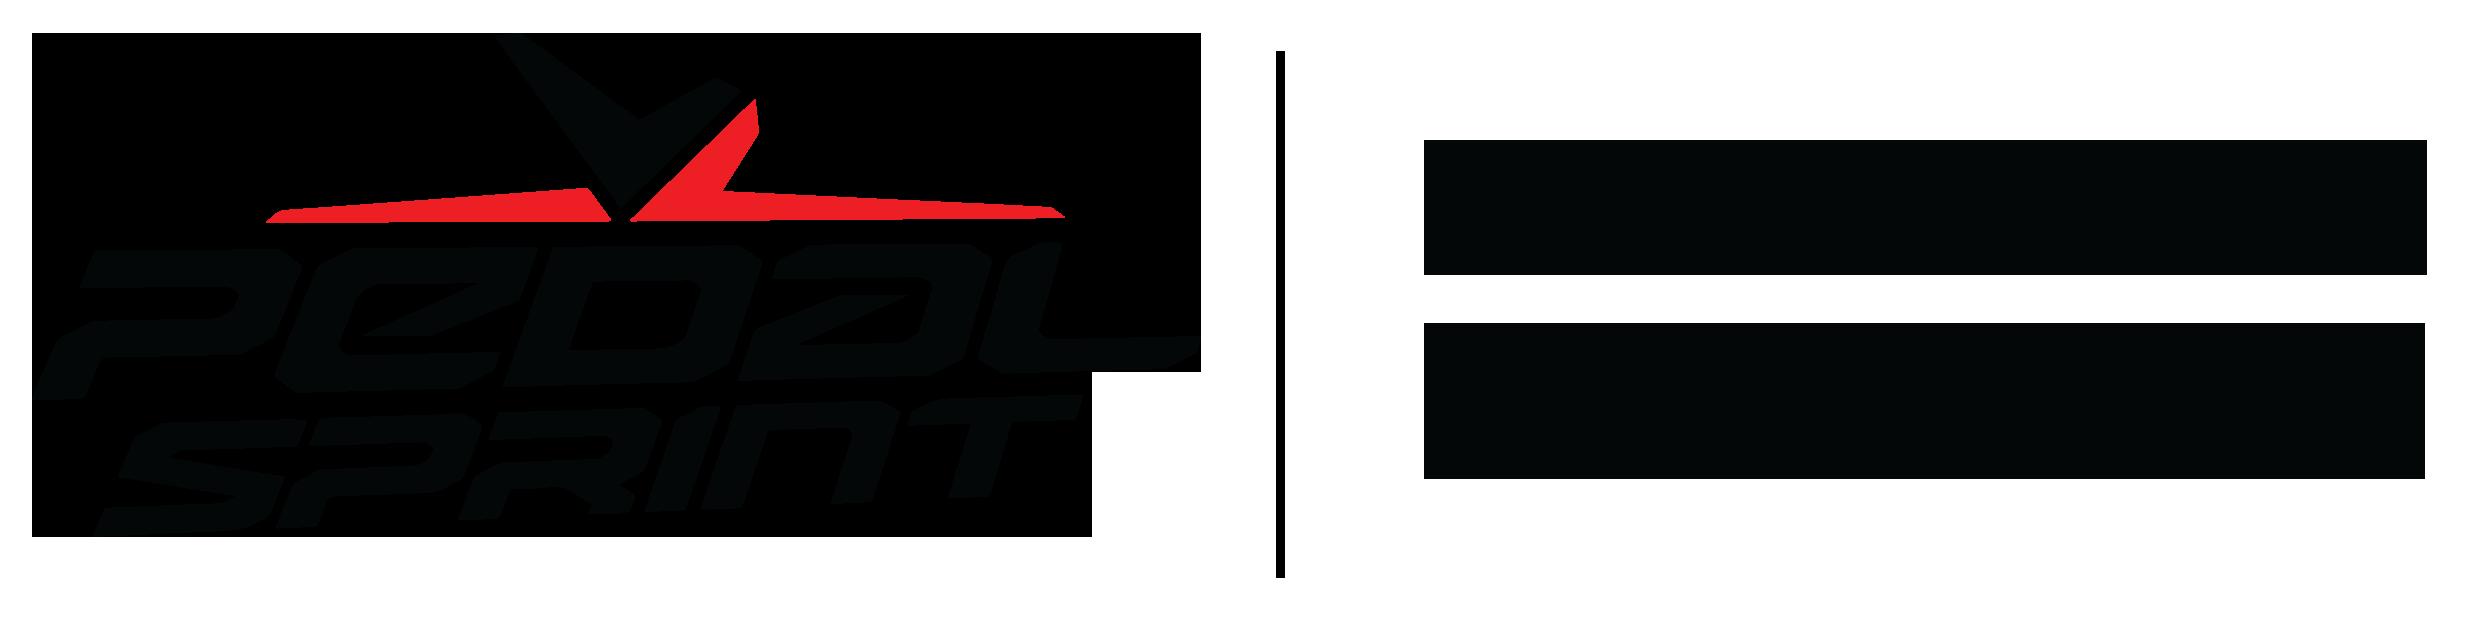 Pedal Sprint UV